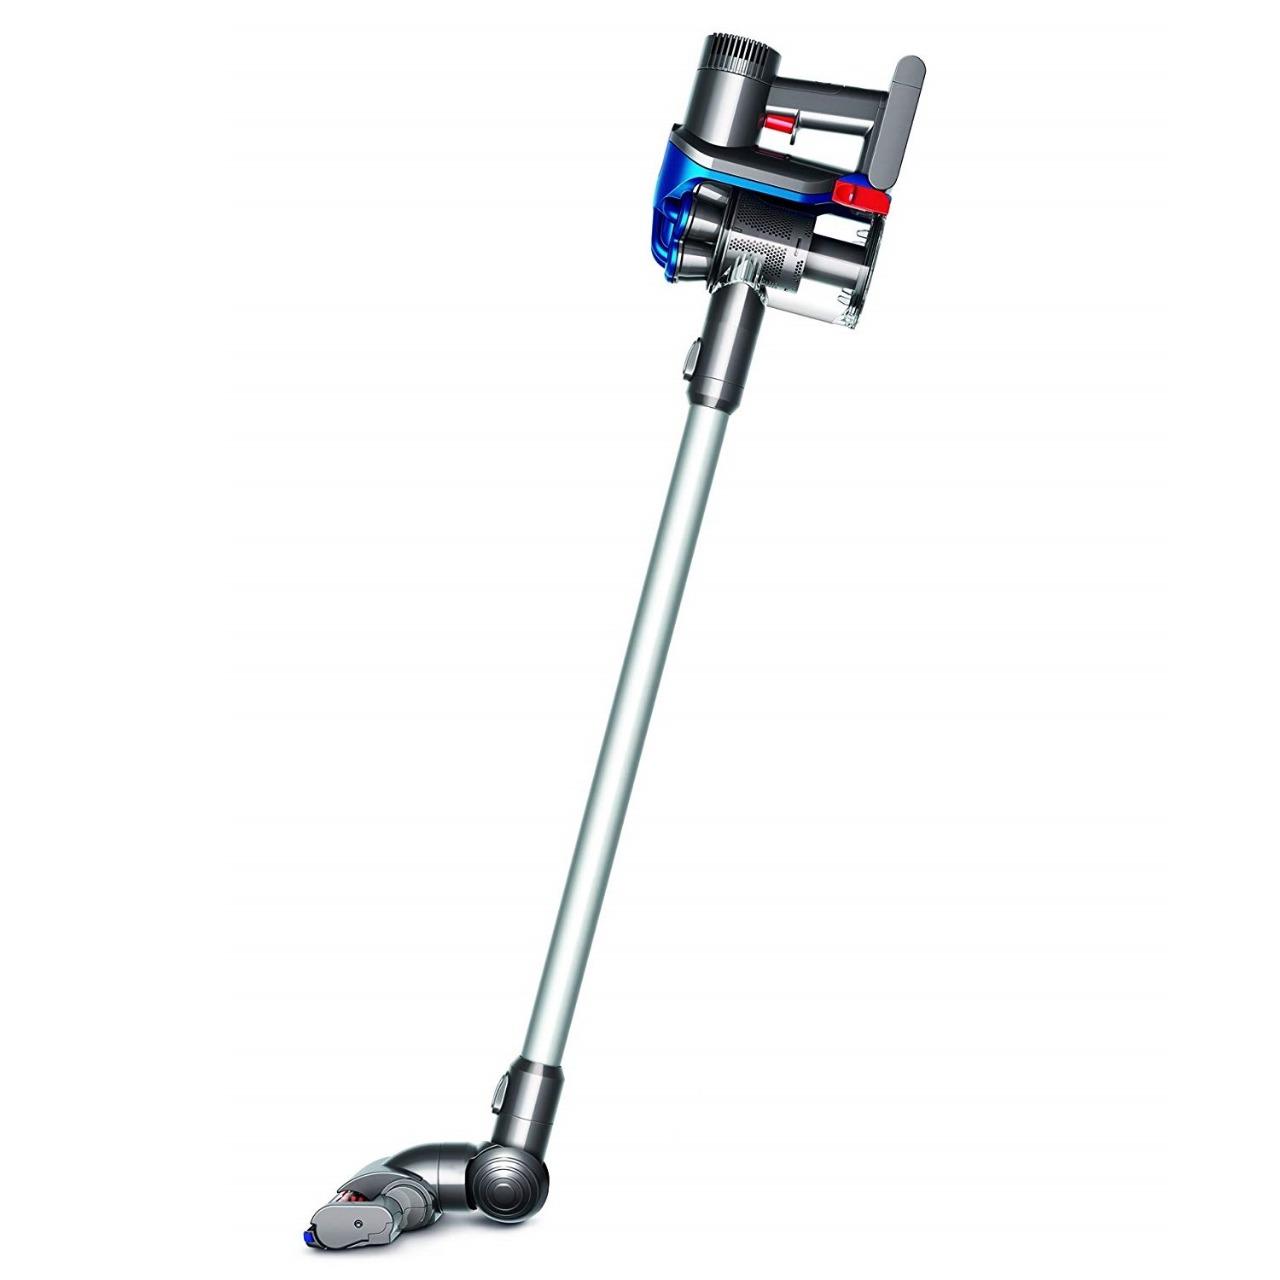 ダイソン デジタルスリムDC35マルチフロアコードレス掃除機